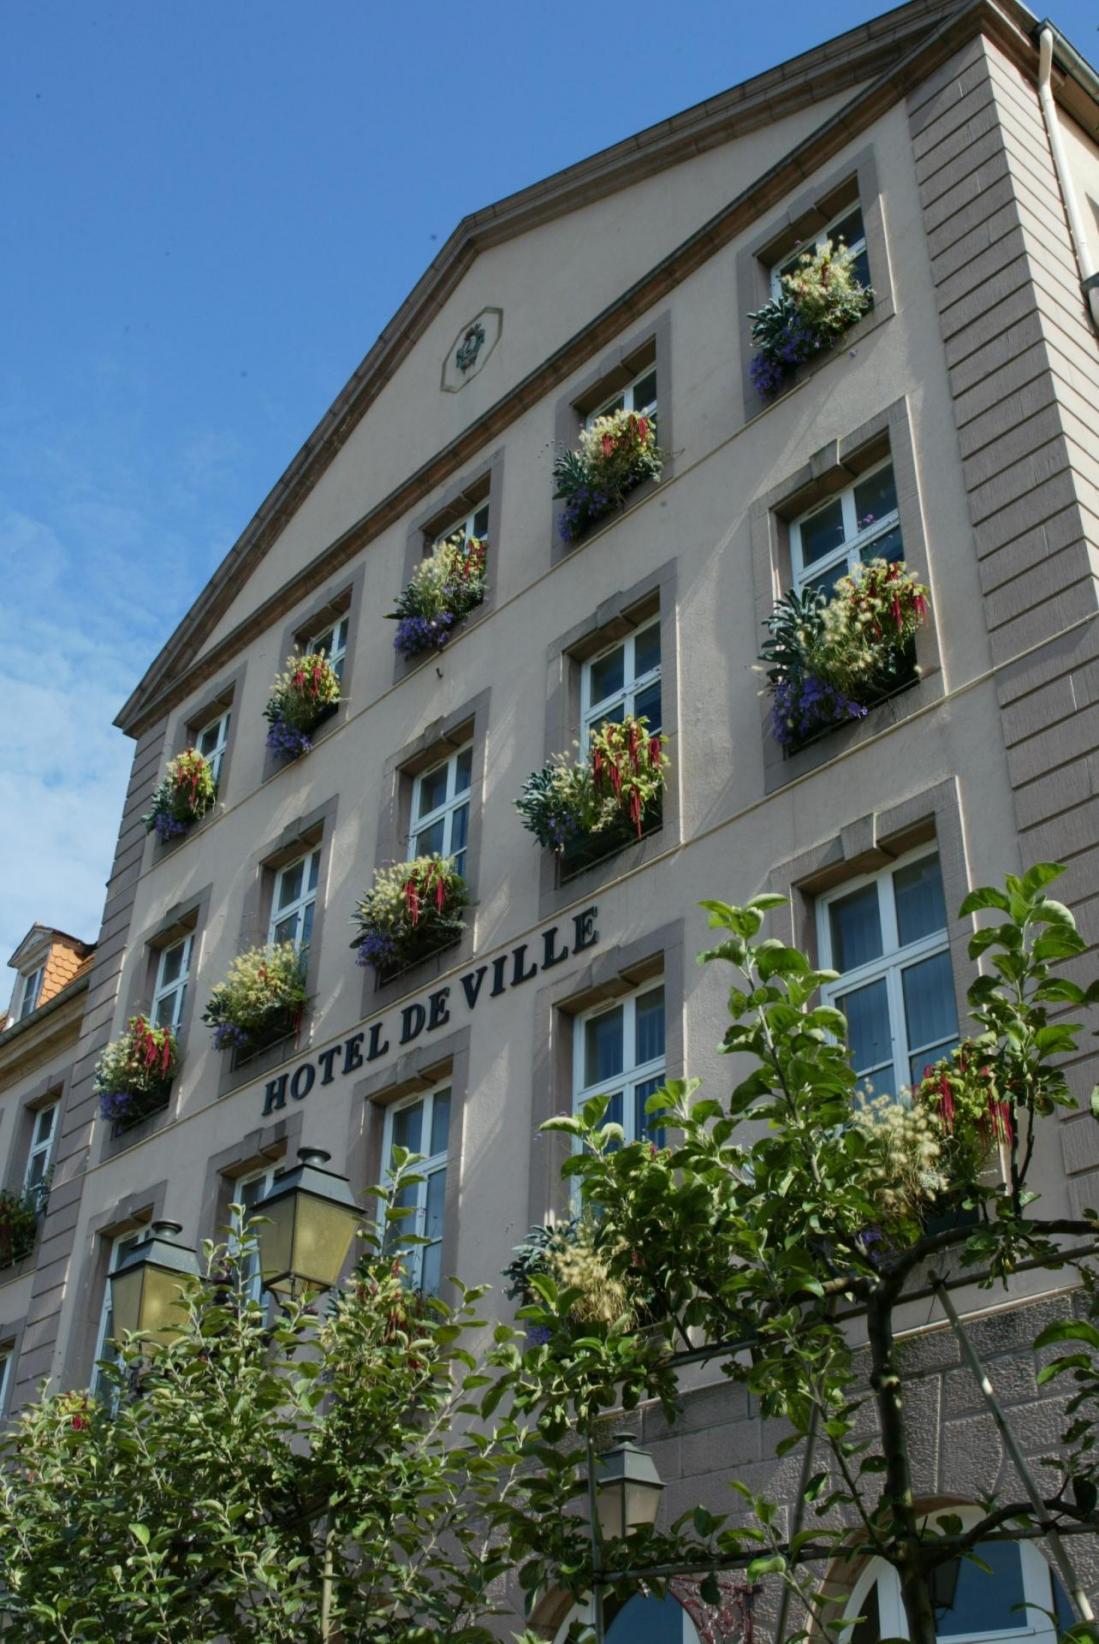 2 hotel de ville